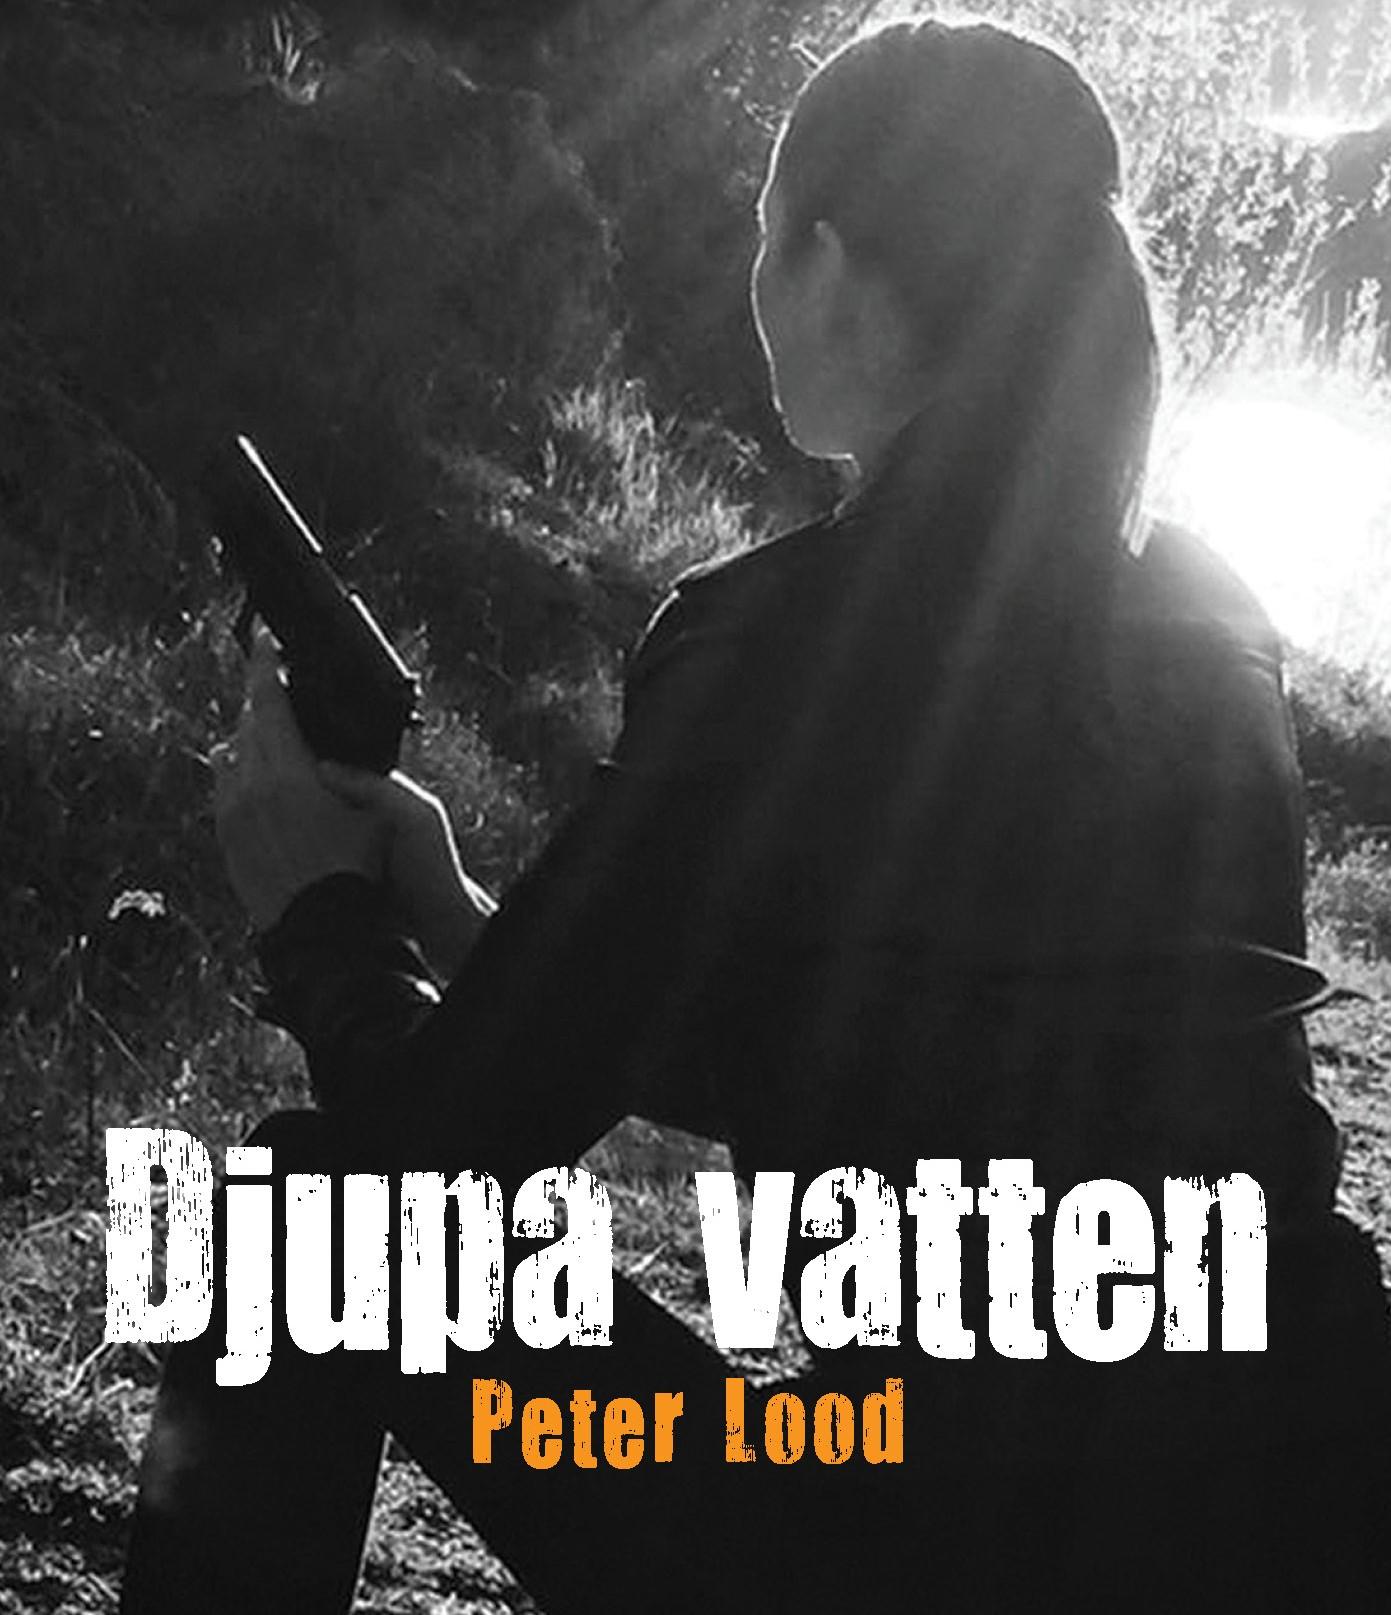 peter lood (2)